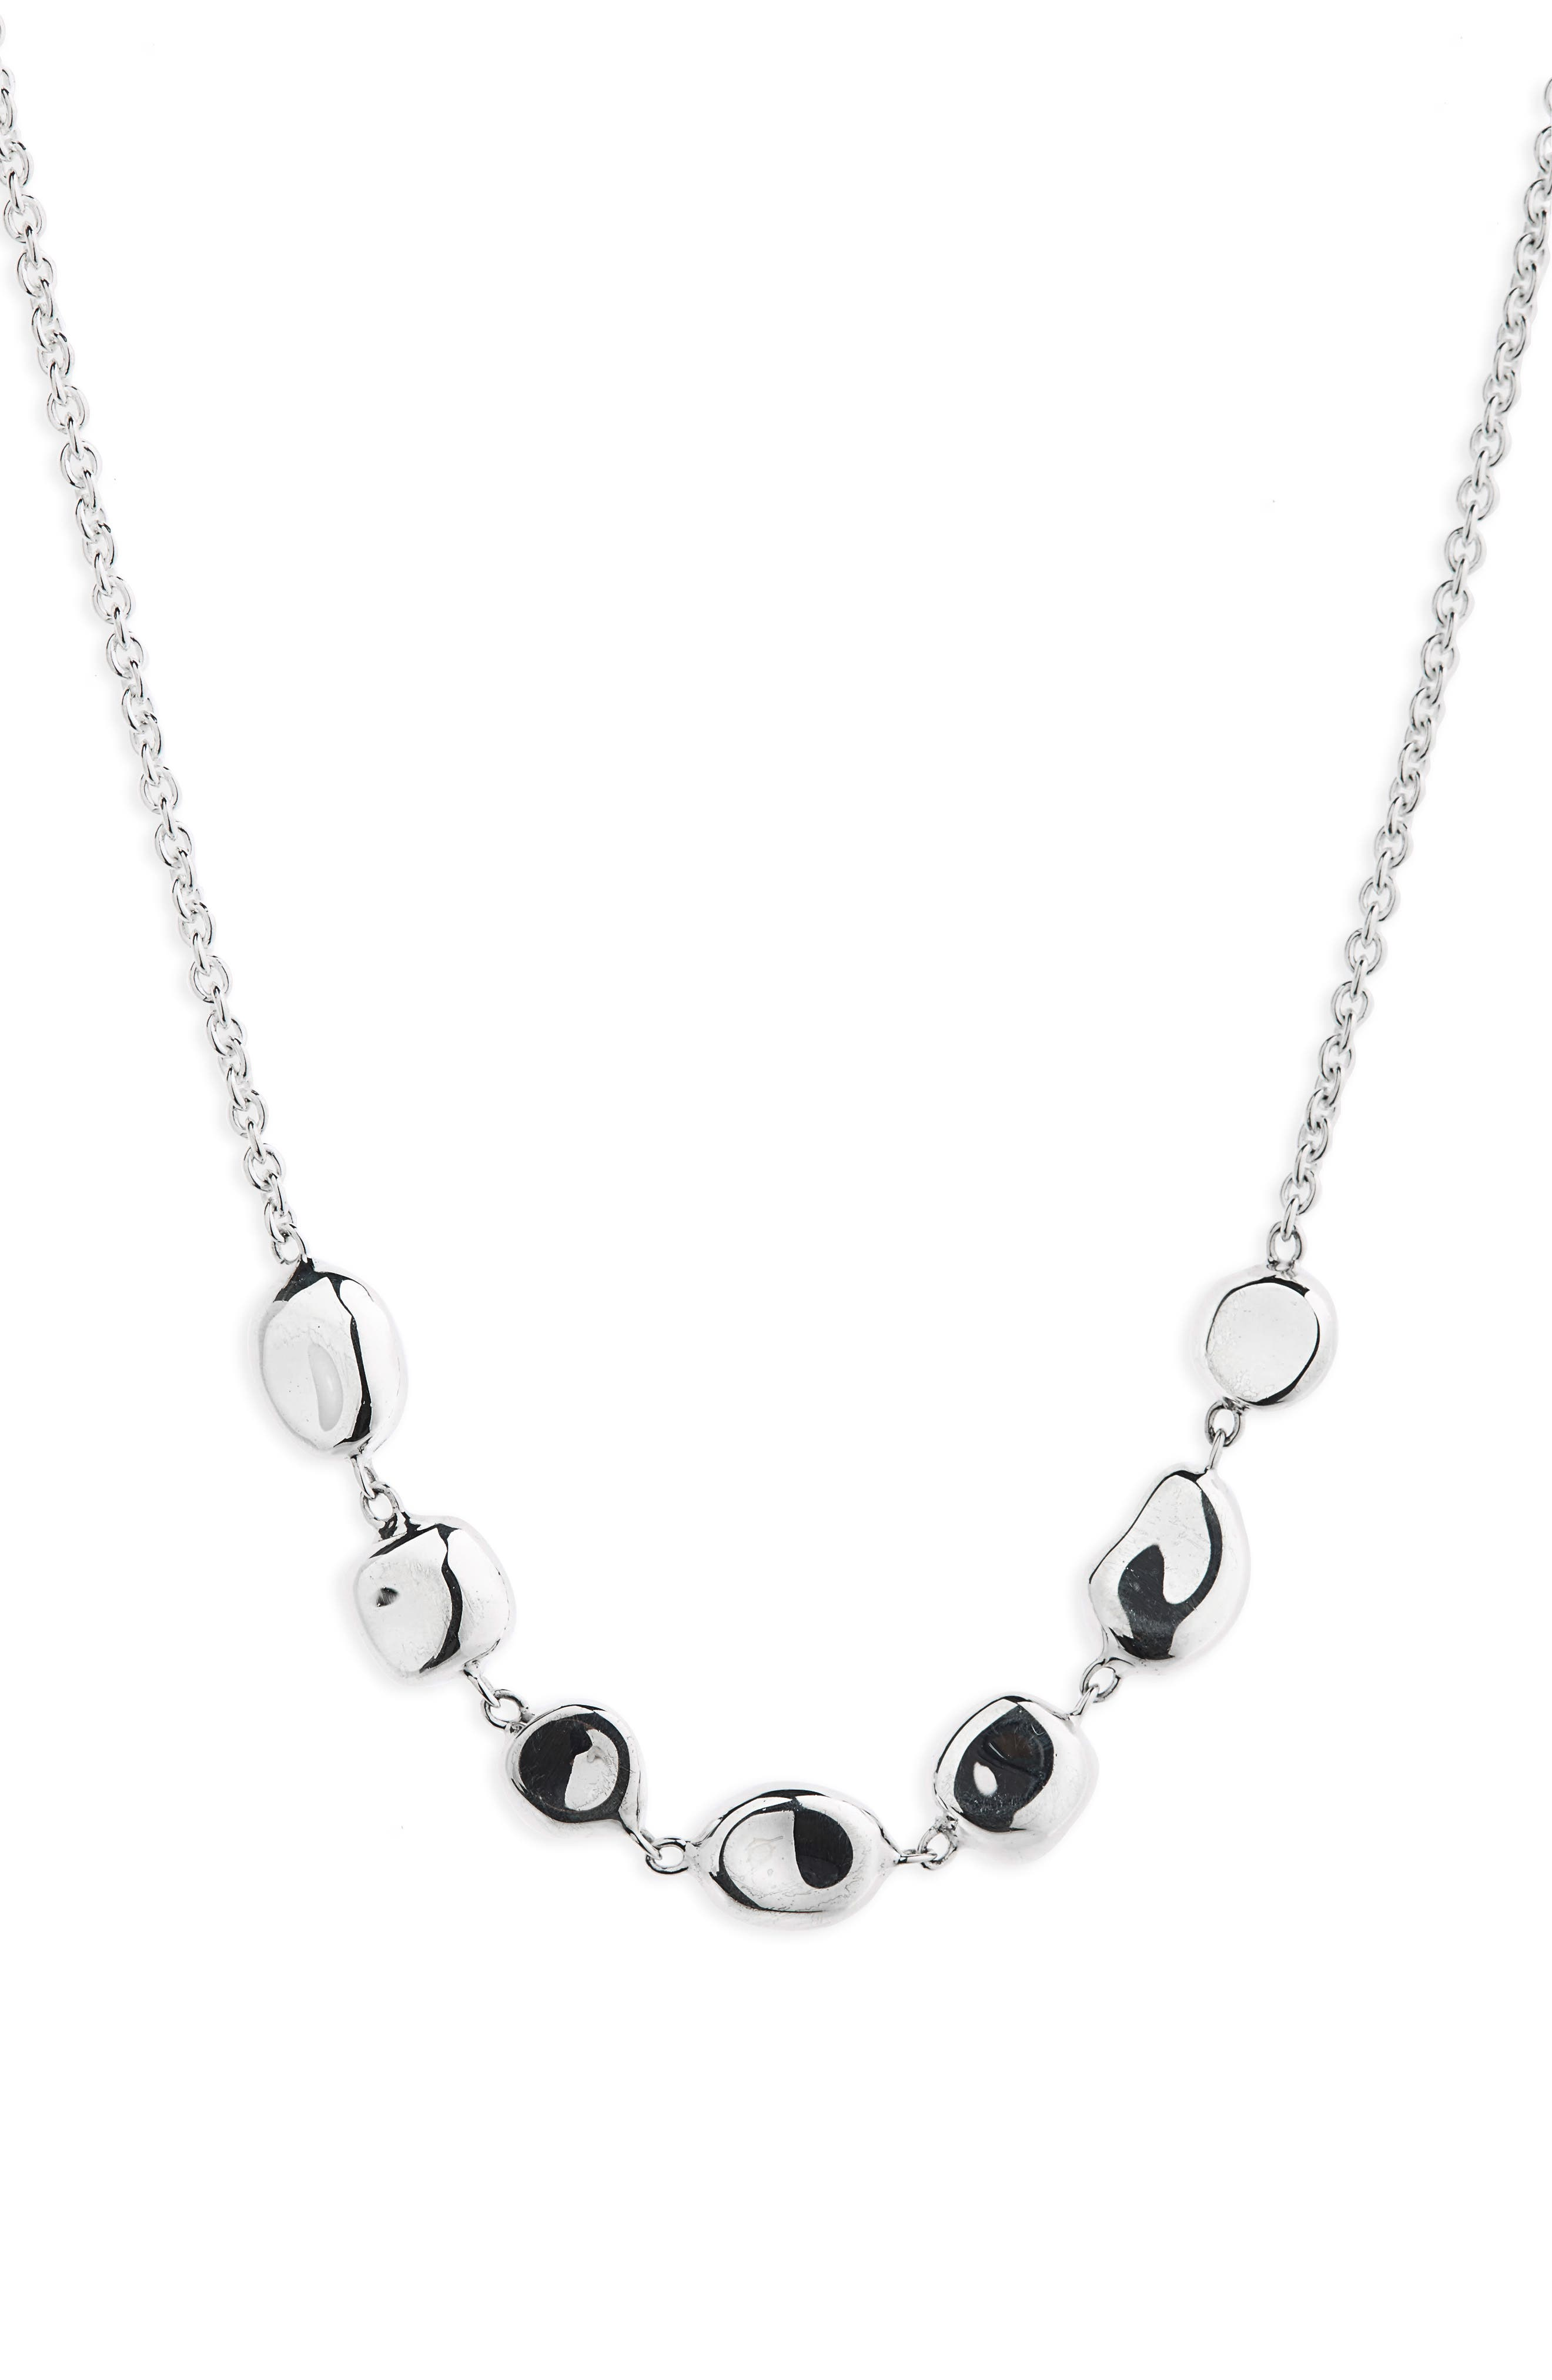 Onda Collar Necklace,                             Alternate thumbnail 2, color,                             Silver